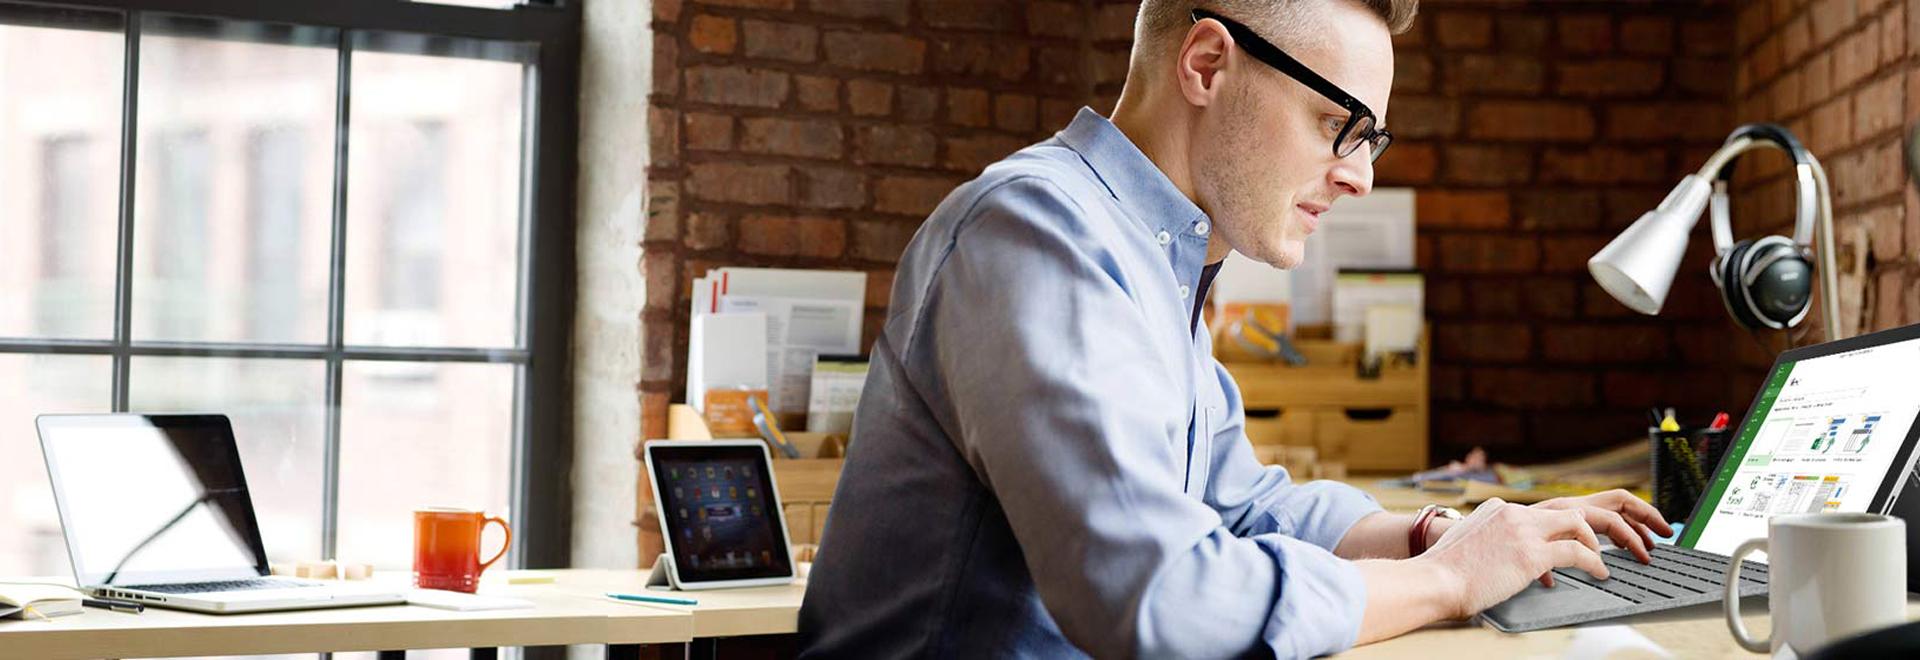 Человек за столом работает с Microsoft Project на планшете Surface.